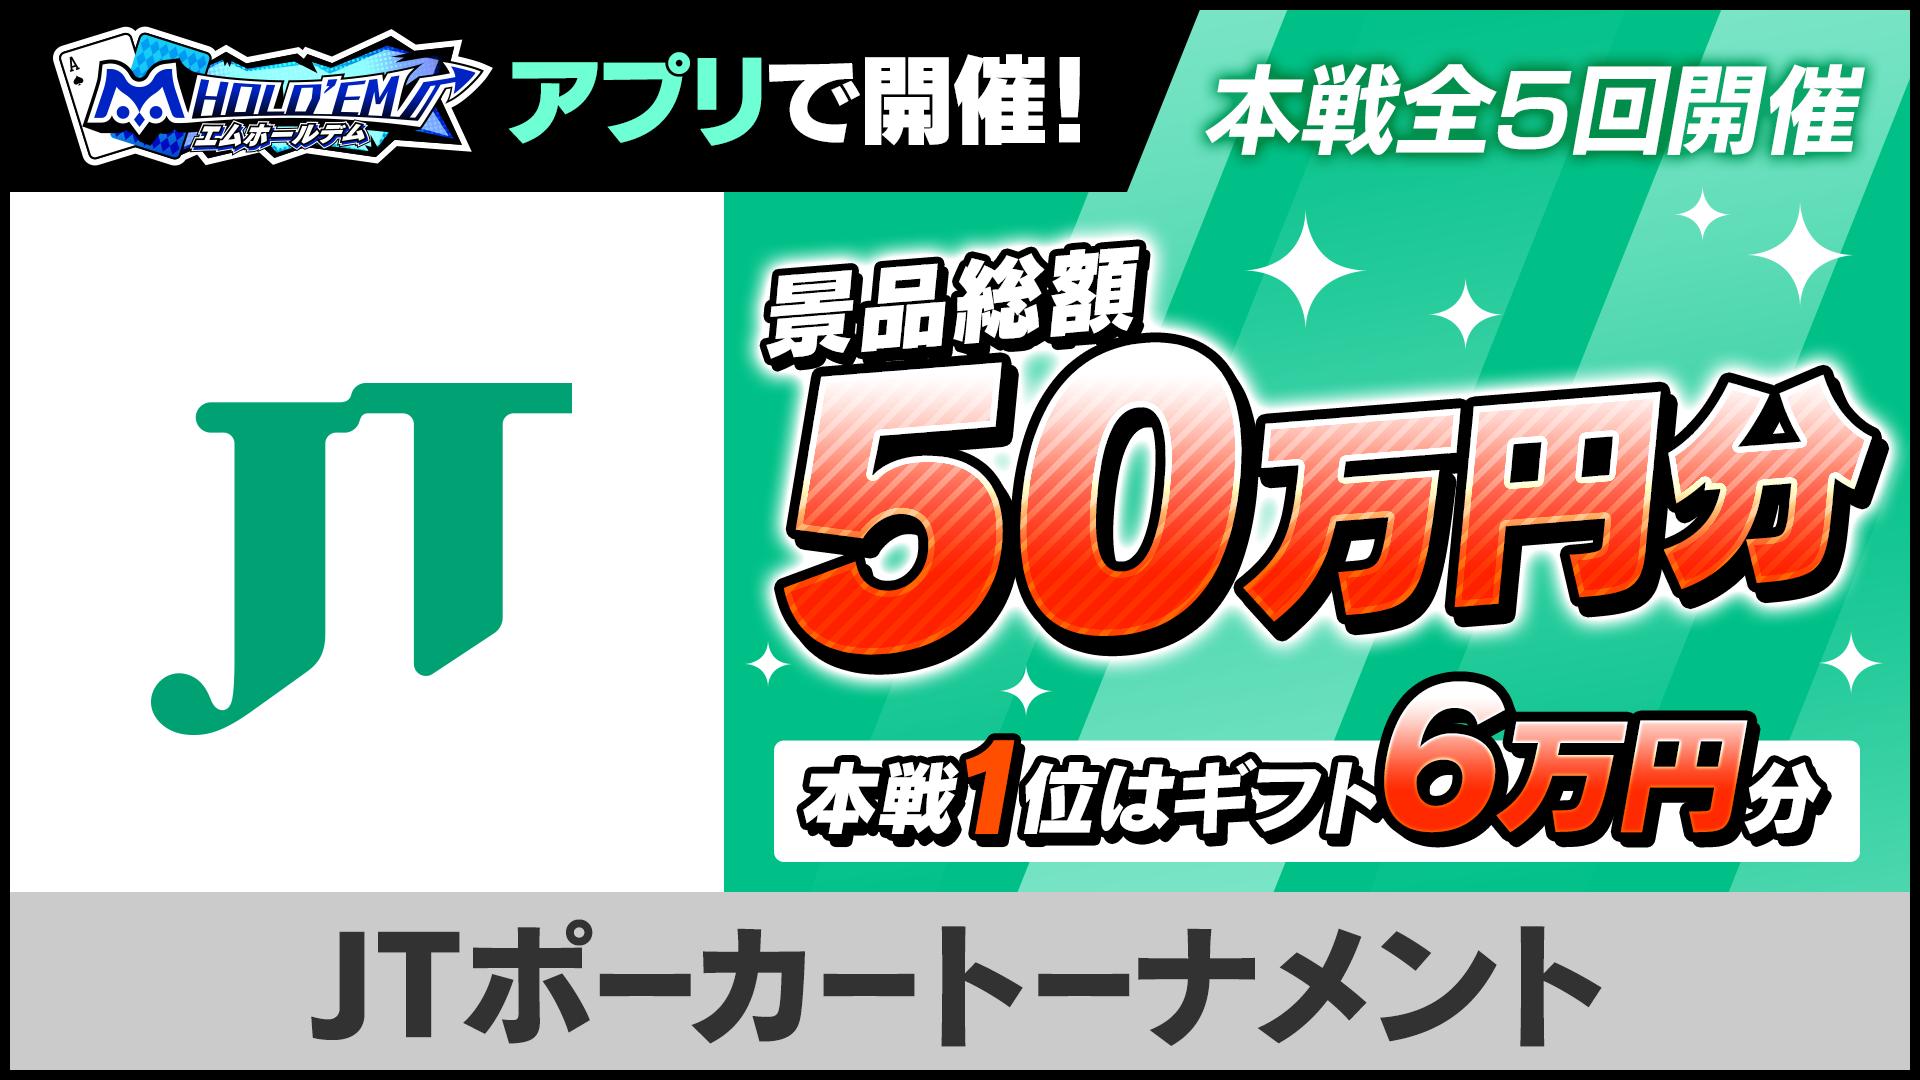 【アプリ】賞金総額50万円!JTポーカートーナメント開催!